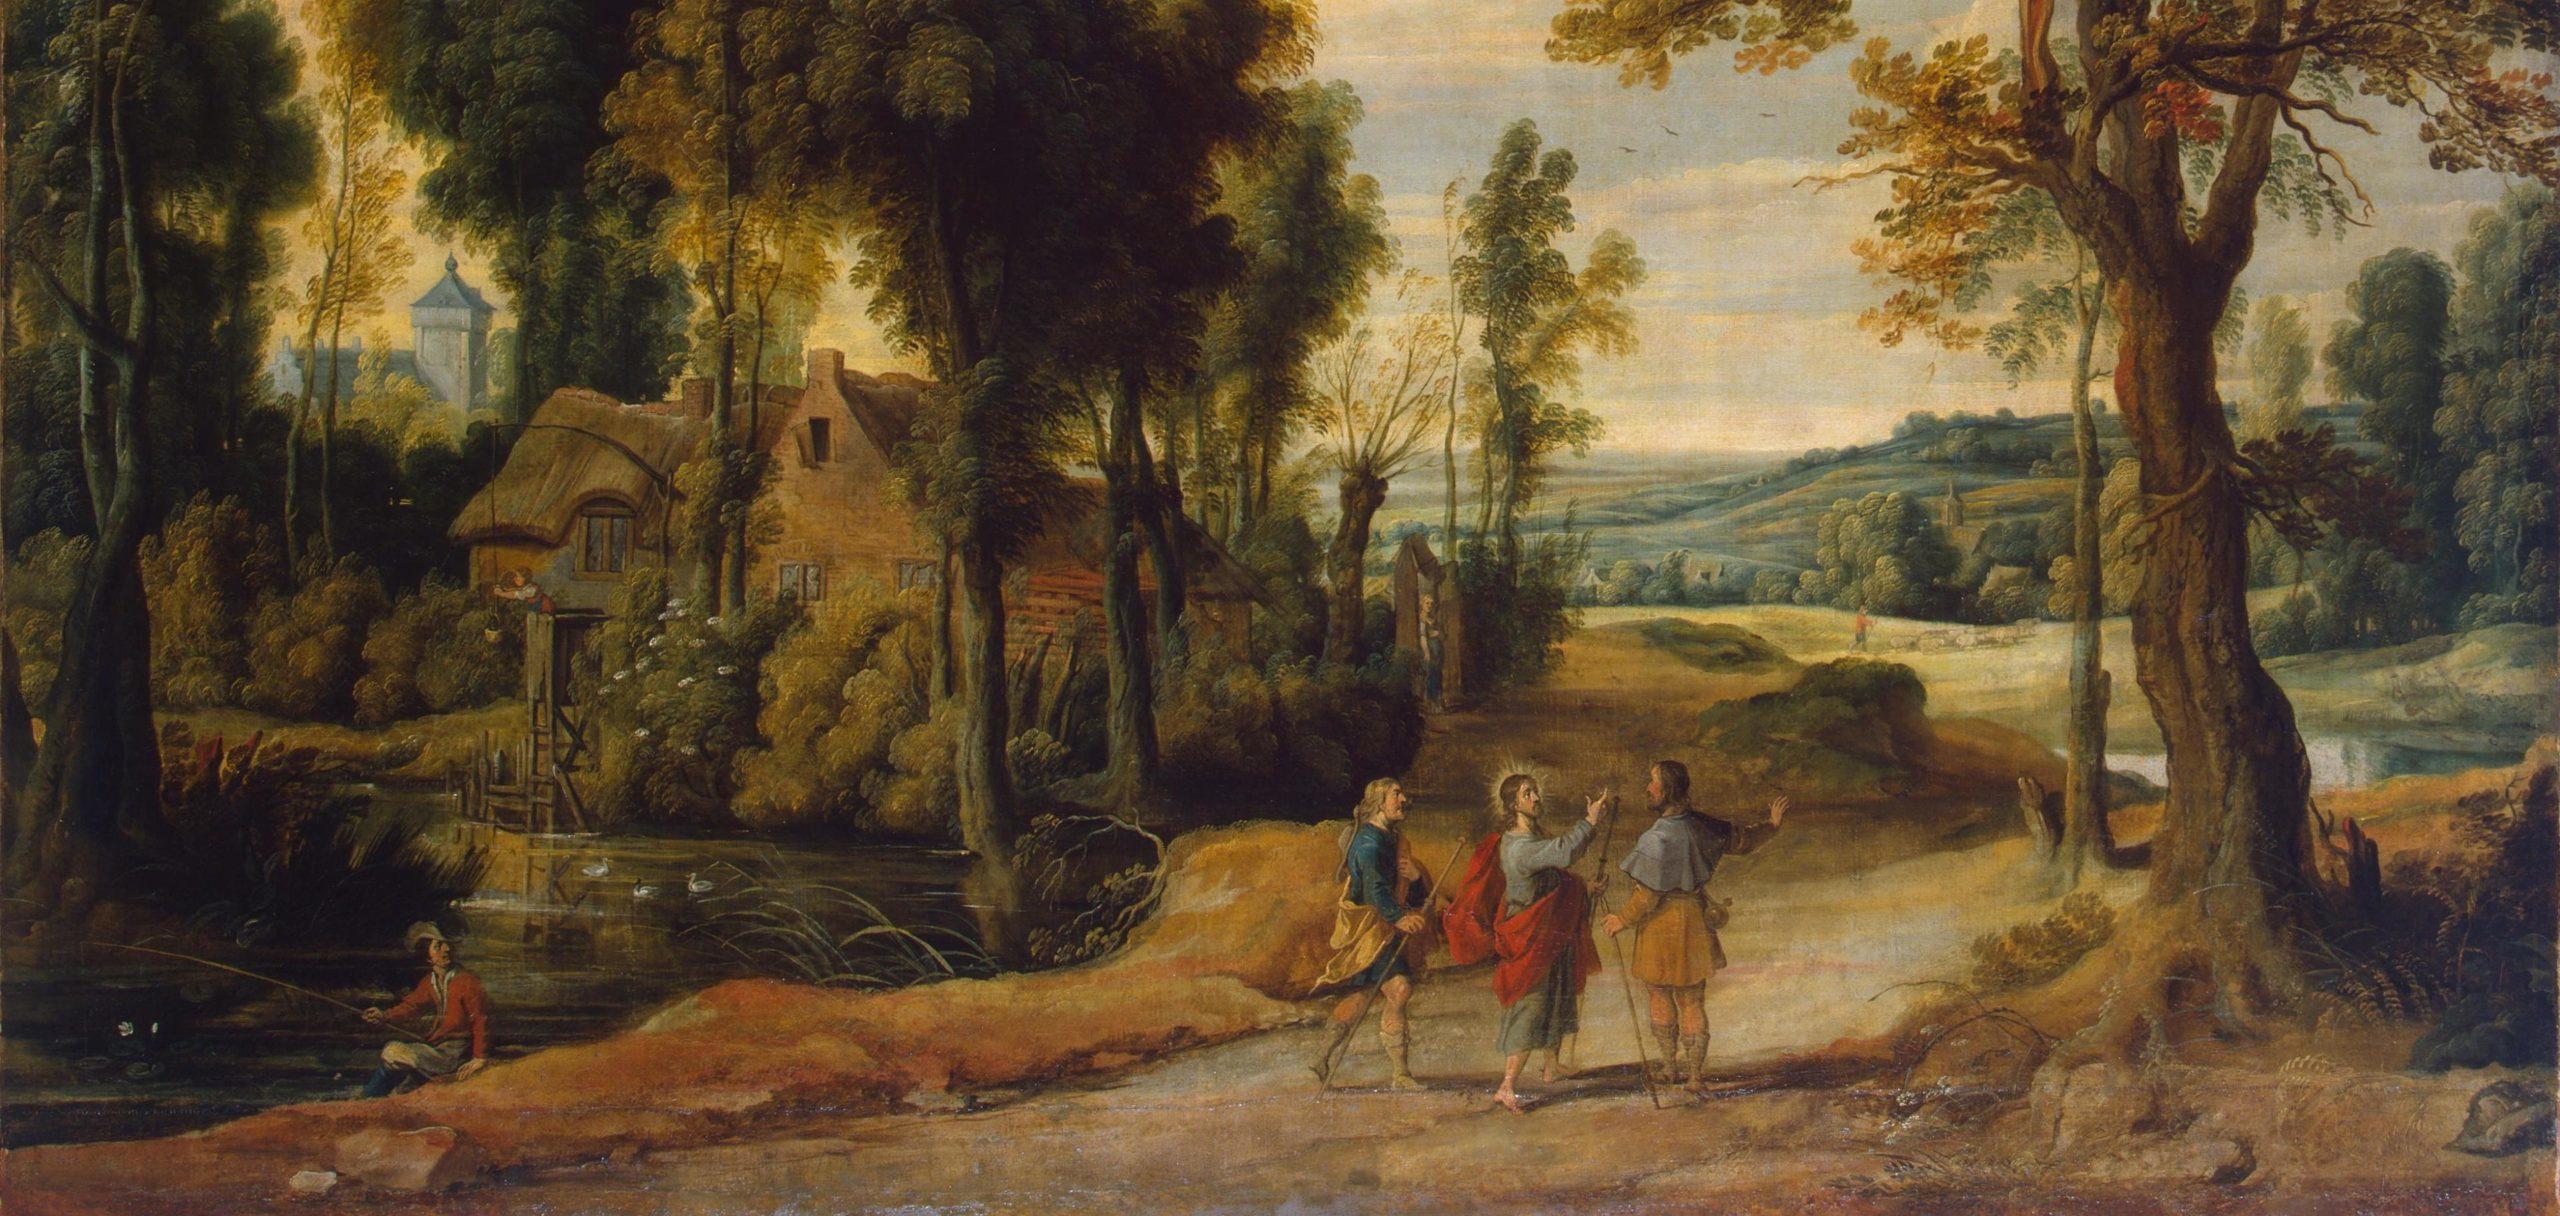 Jesus with Emmaus pilgrims